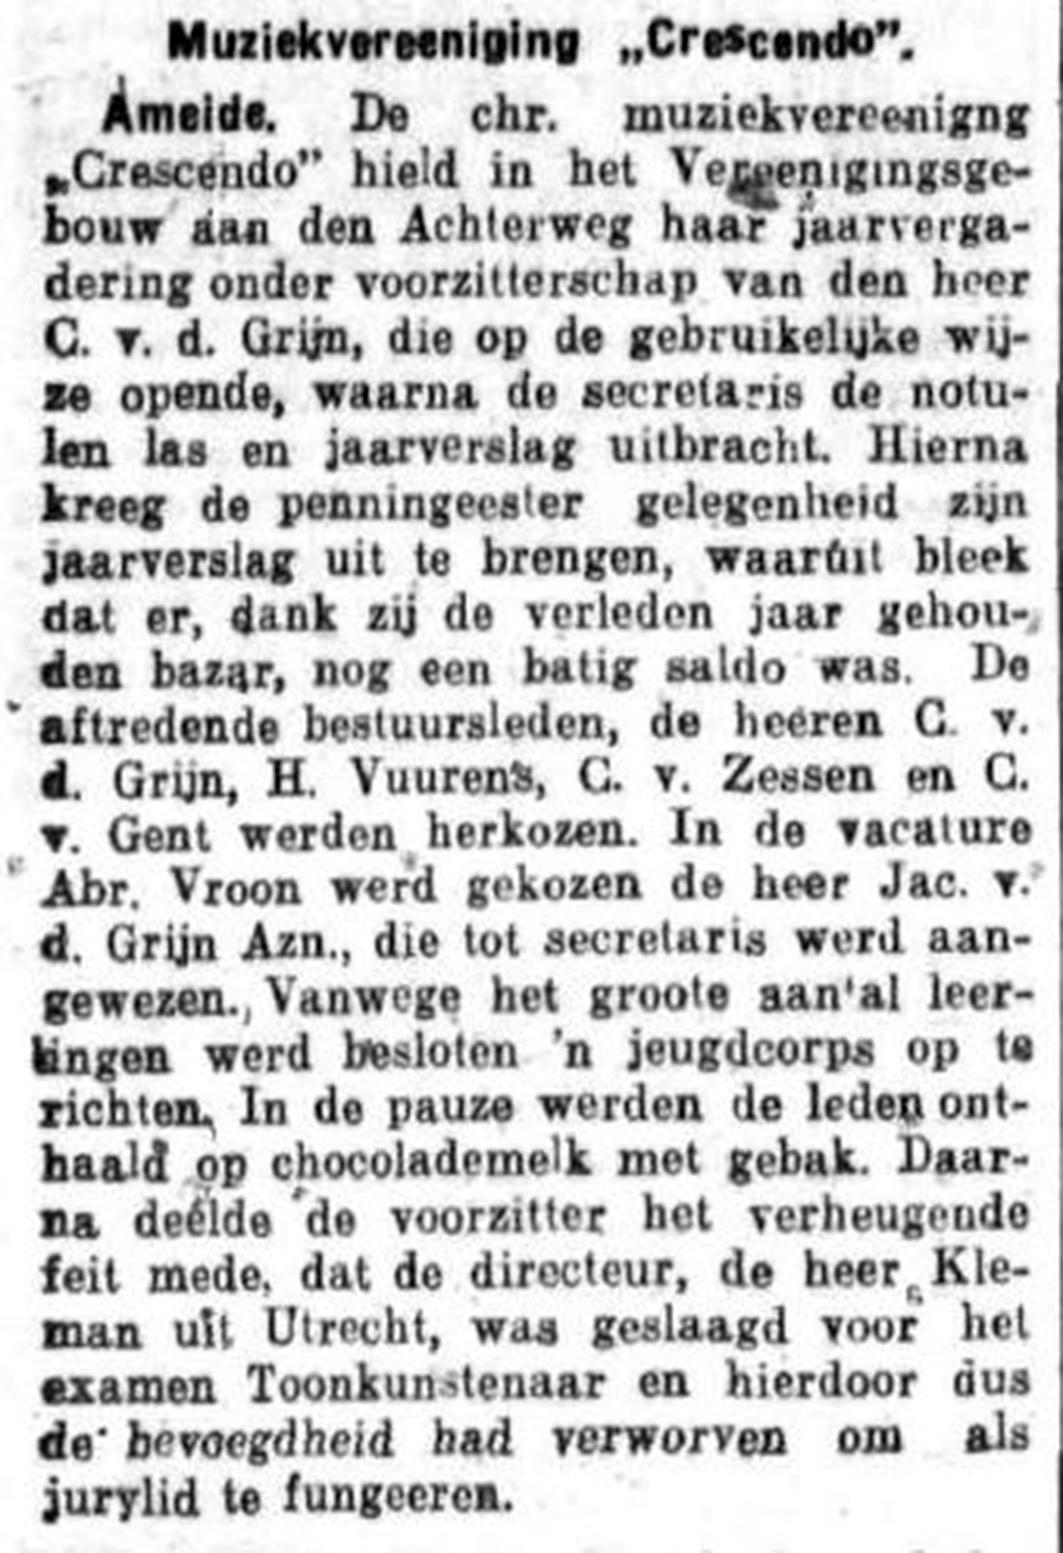 Schoonhovensche Courant 07768 1937-02-05 artikel 06